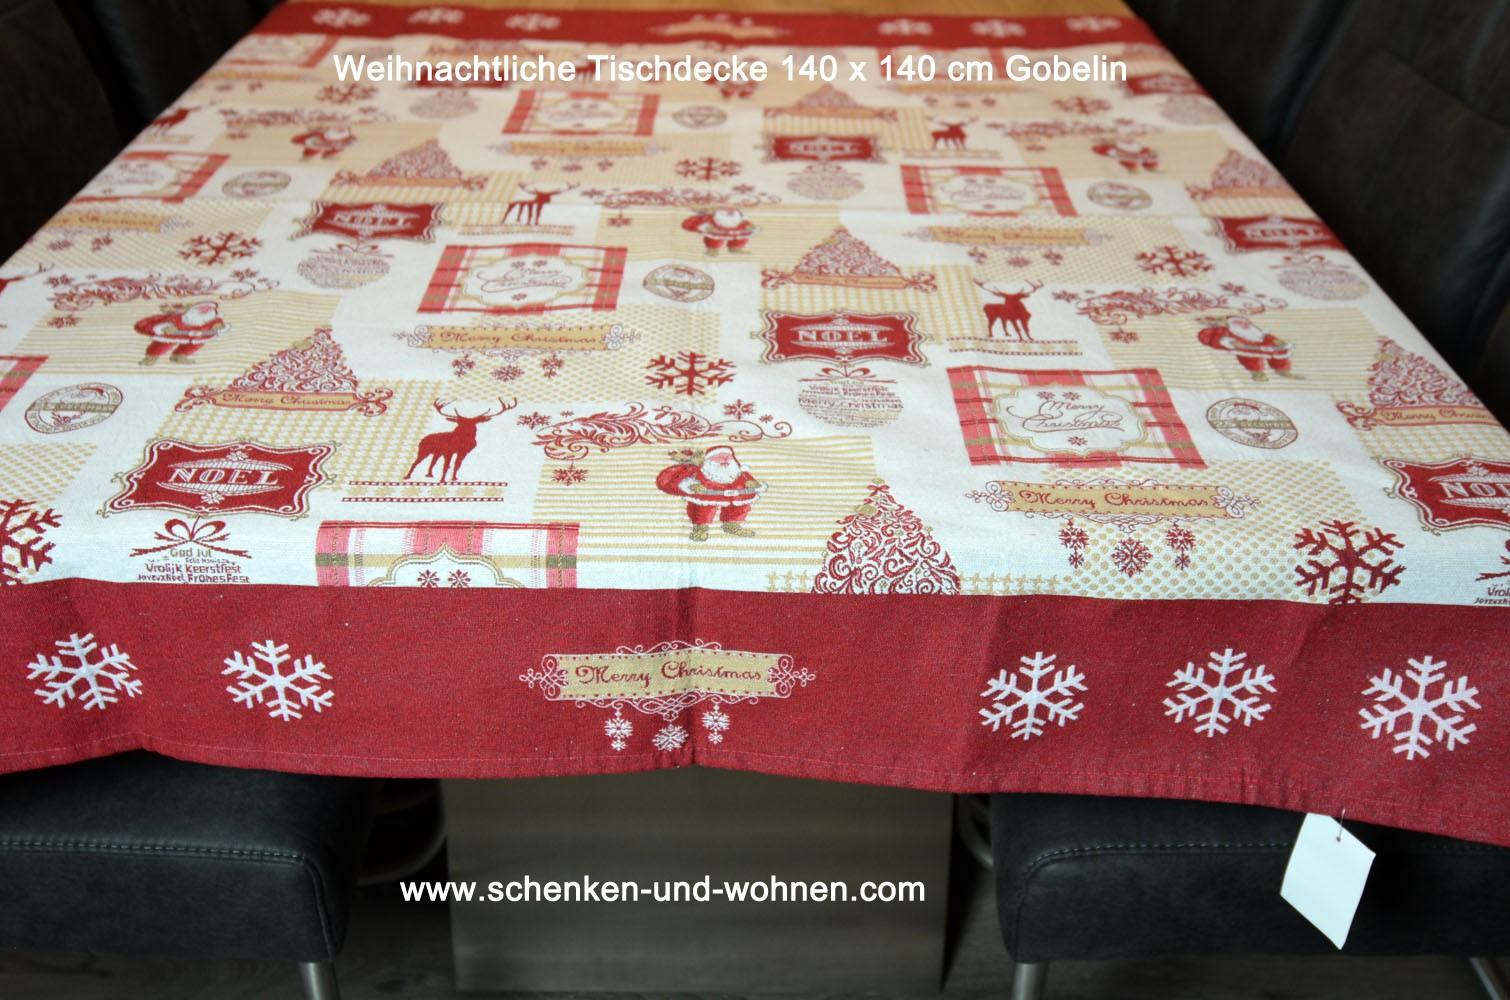 Weihnachtsdecke Tischdecke 140 x 140 cm Gobelin